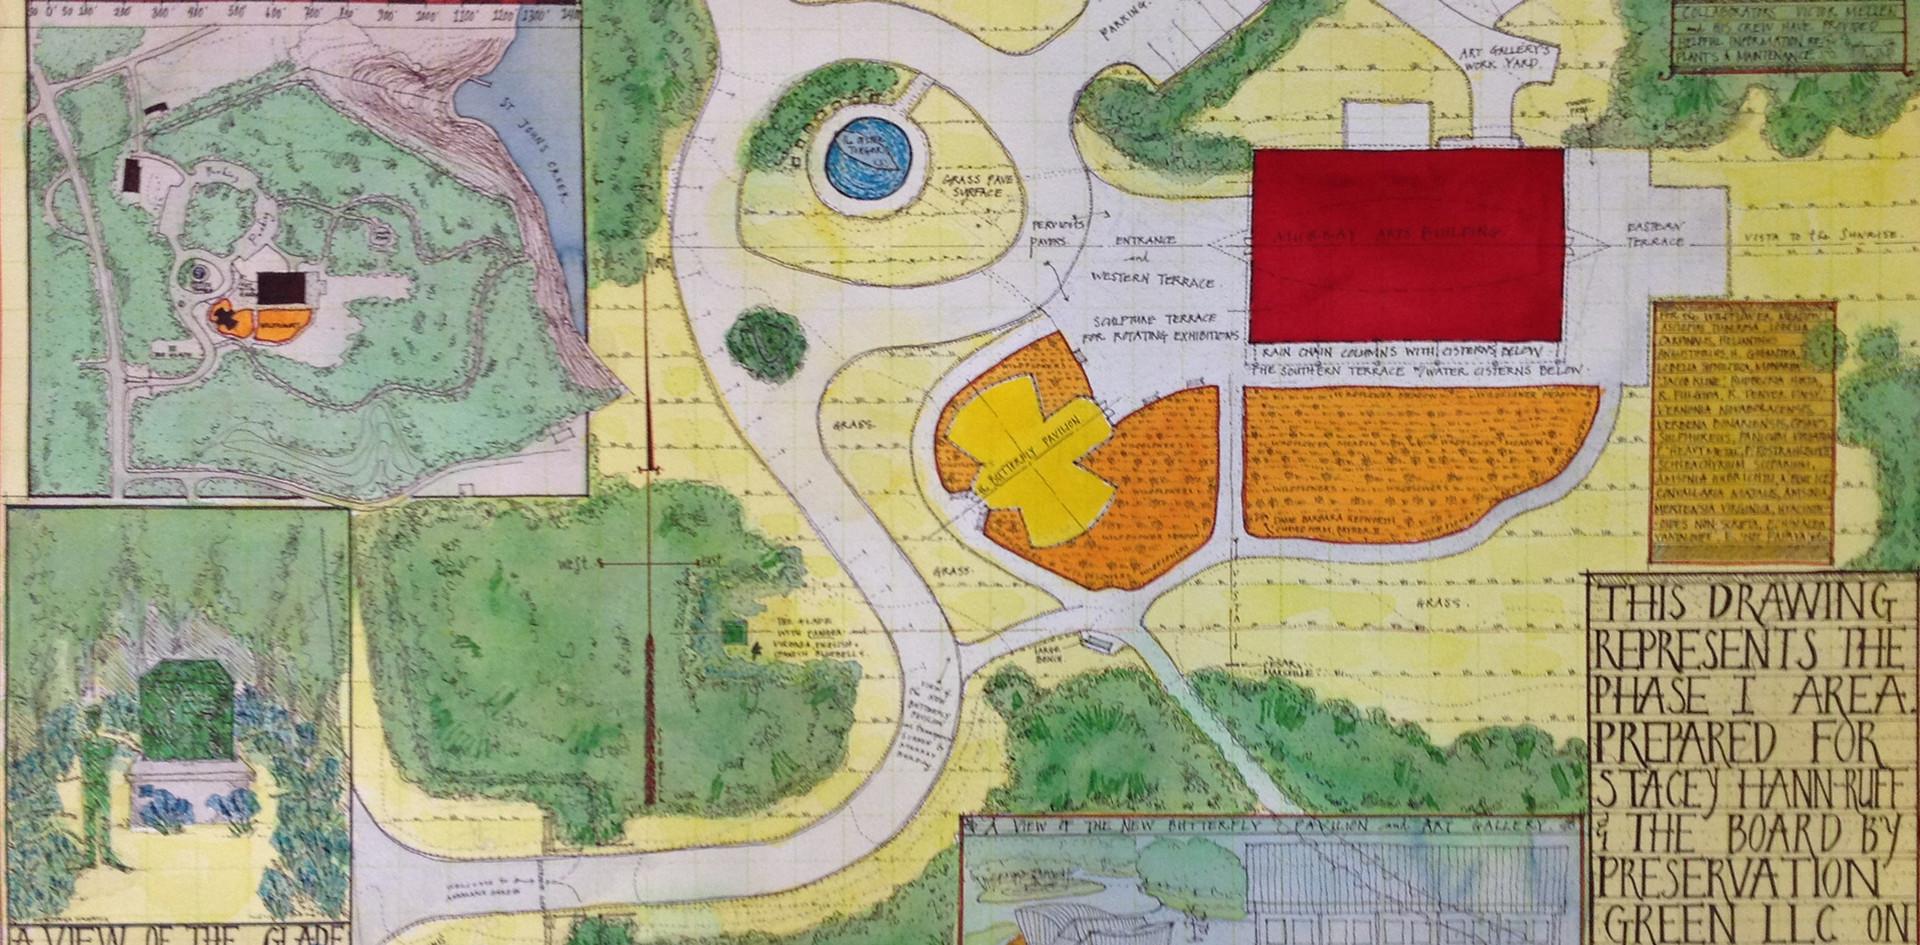 Masterplan for Annmarie Sculpture Garden and Arts Center